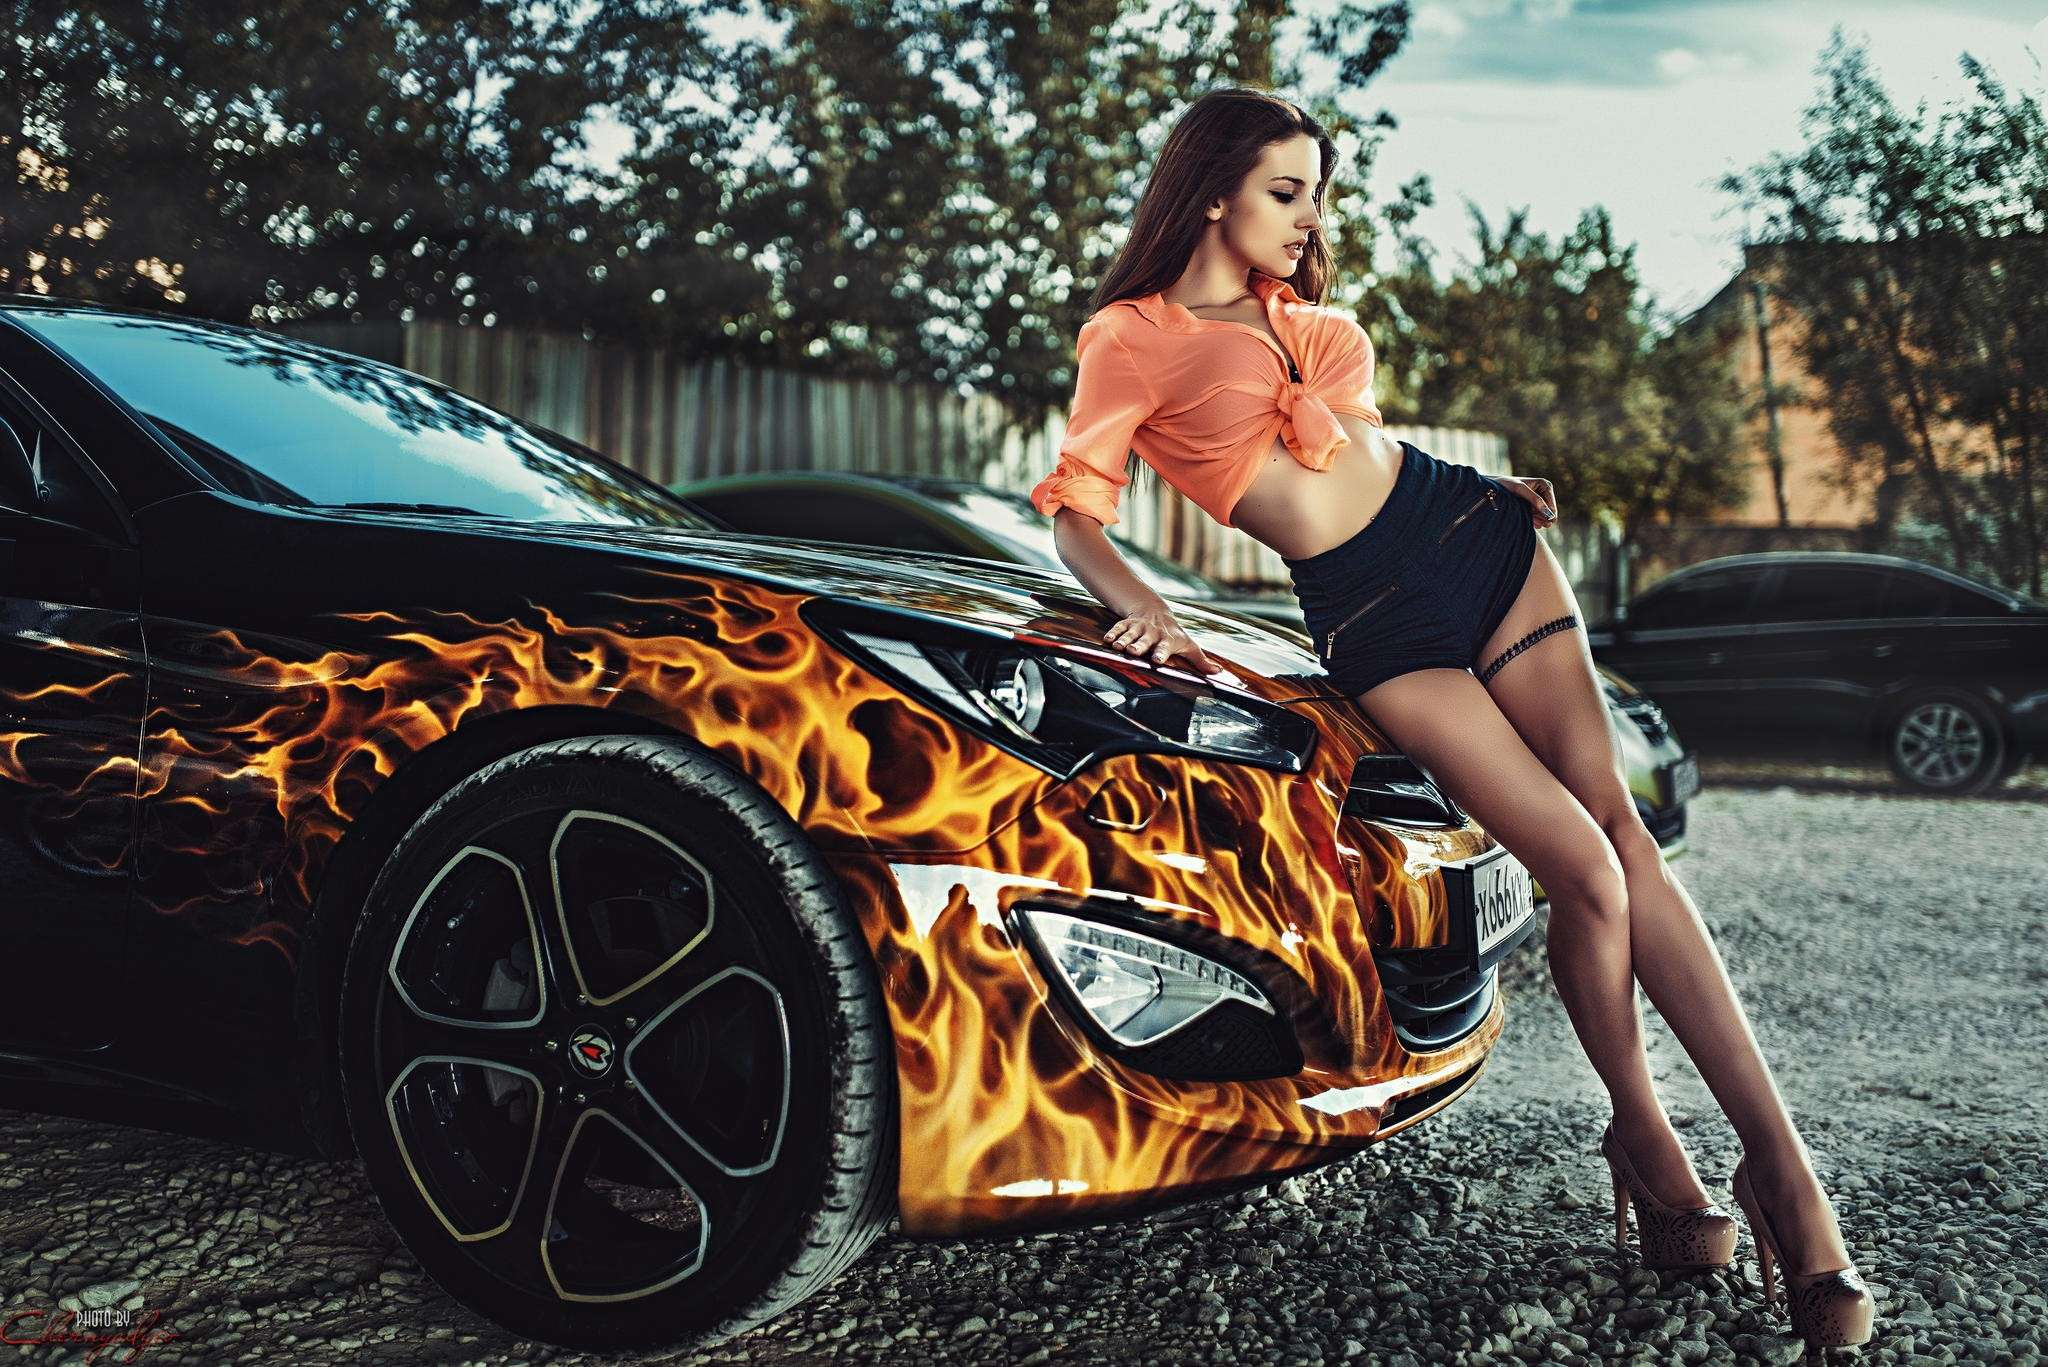 150139 - Сексуальные девушки и автомобили (часть 17)